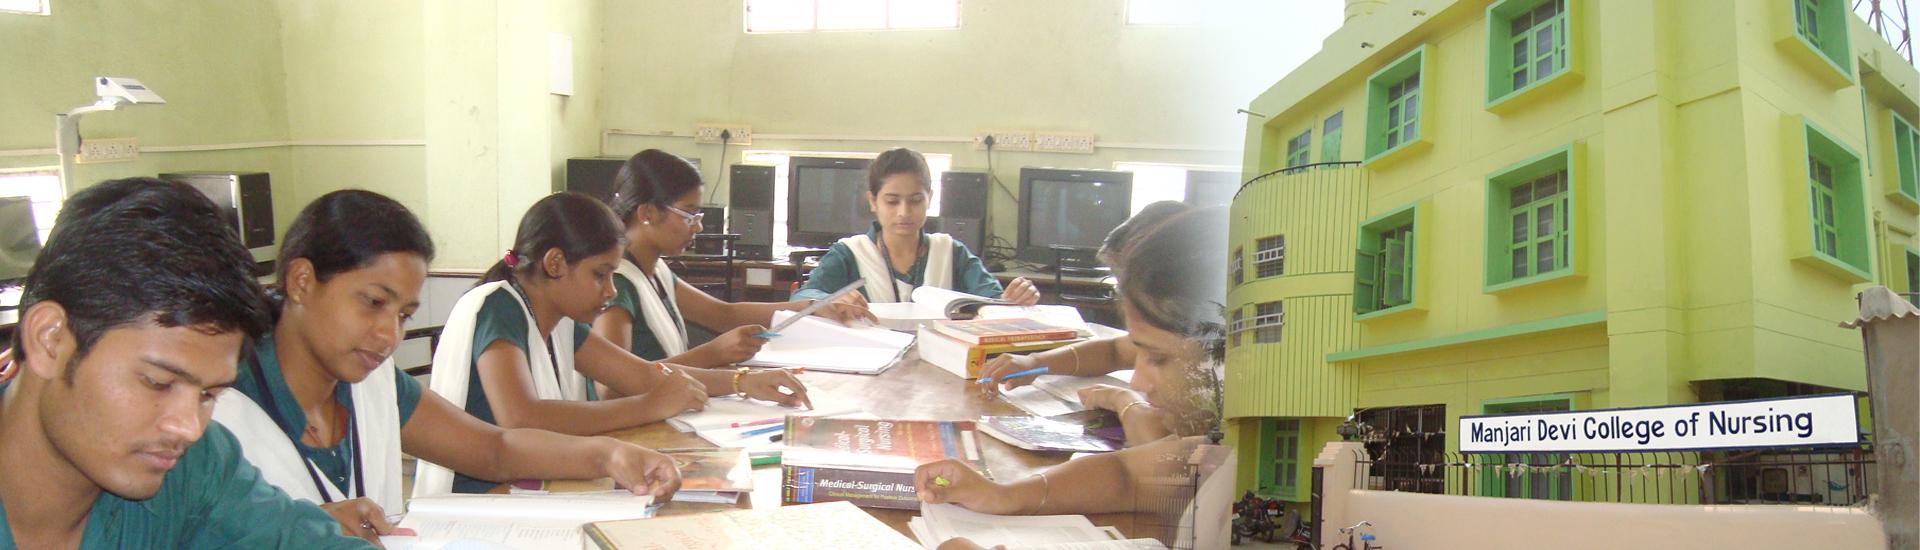 Manjari Devi College and School Of Nursing, Bhubaneswar Image